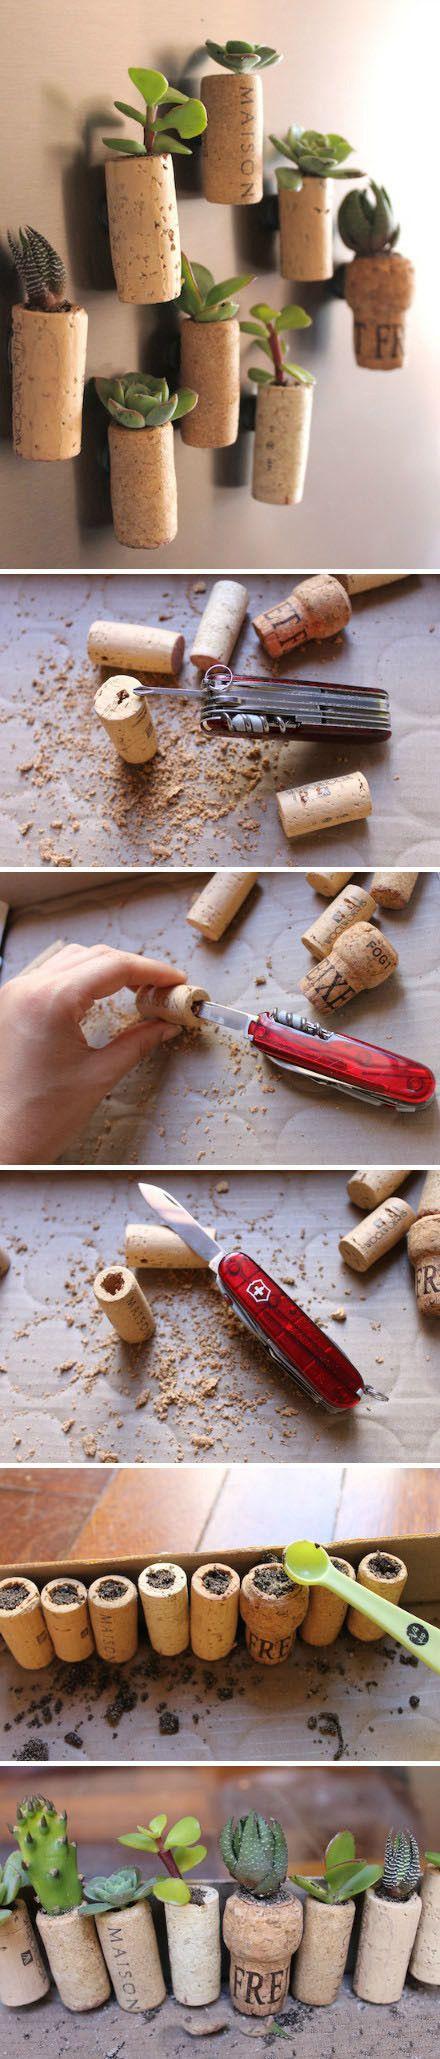 Des bouchons en lièges pour vos plantes miniatures  Pinterest : bimmynager